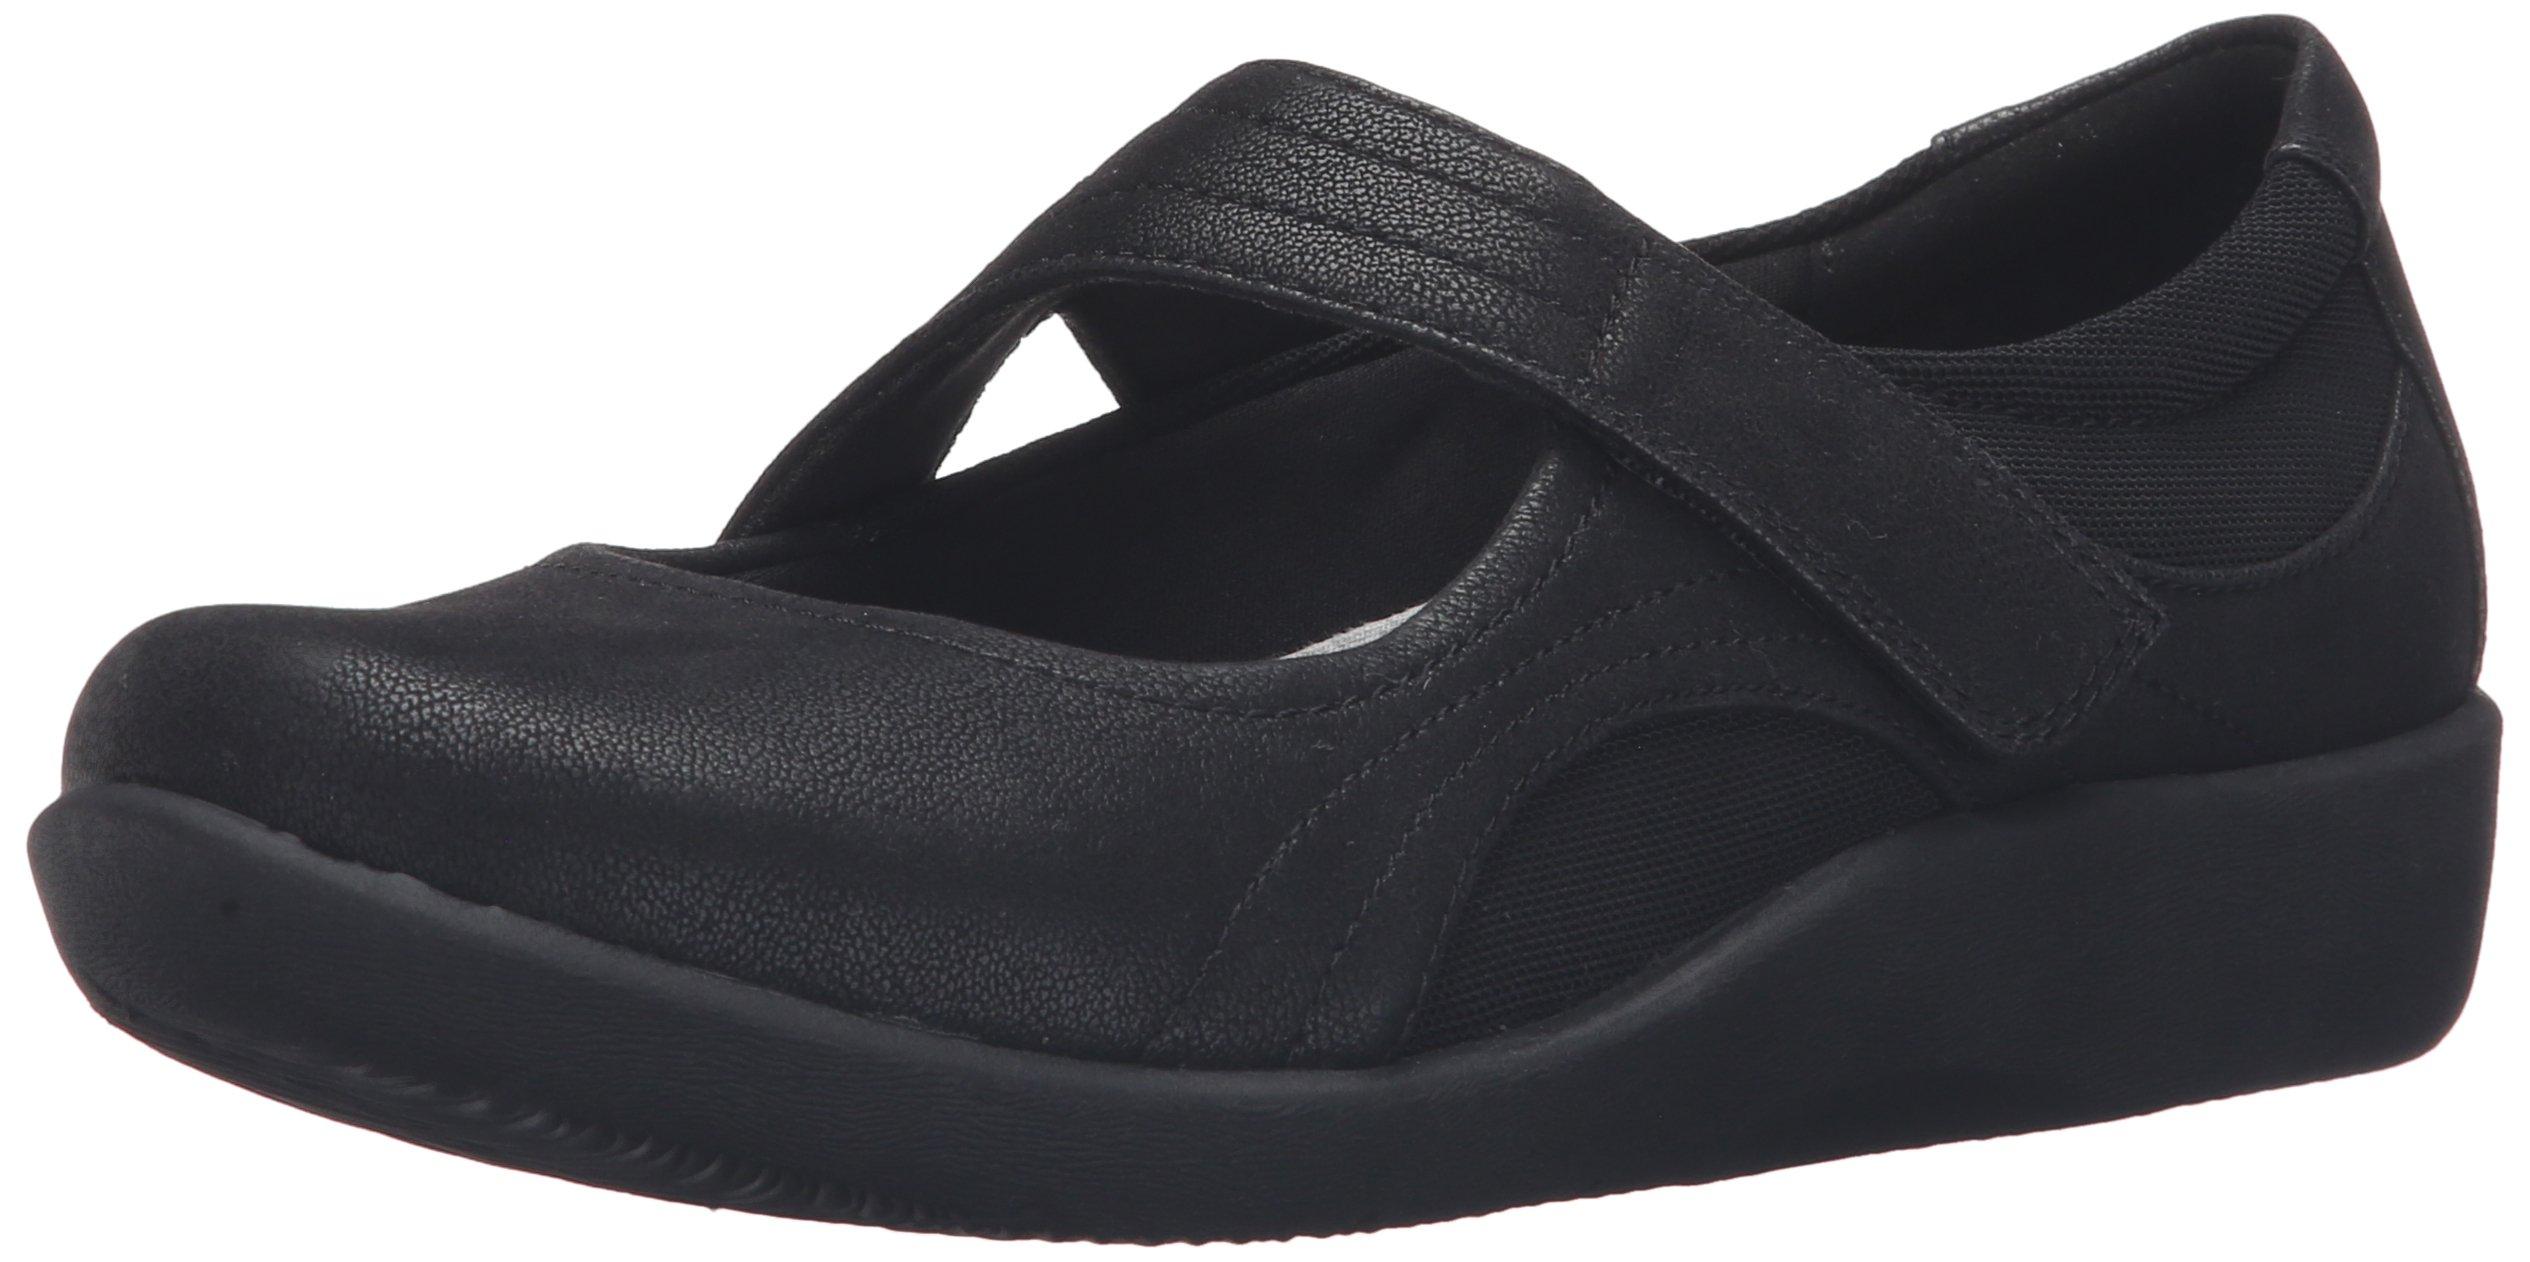 CLARKS Women's Sillian Bella Mary Jane Flat, Black Synthetic, 8 M US by CLARKS